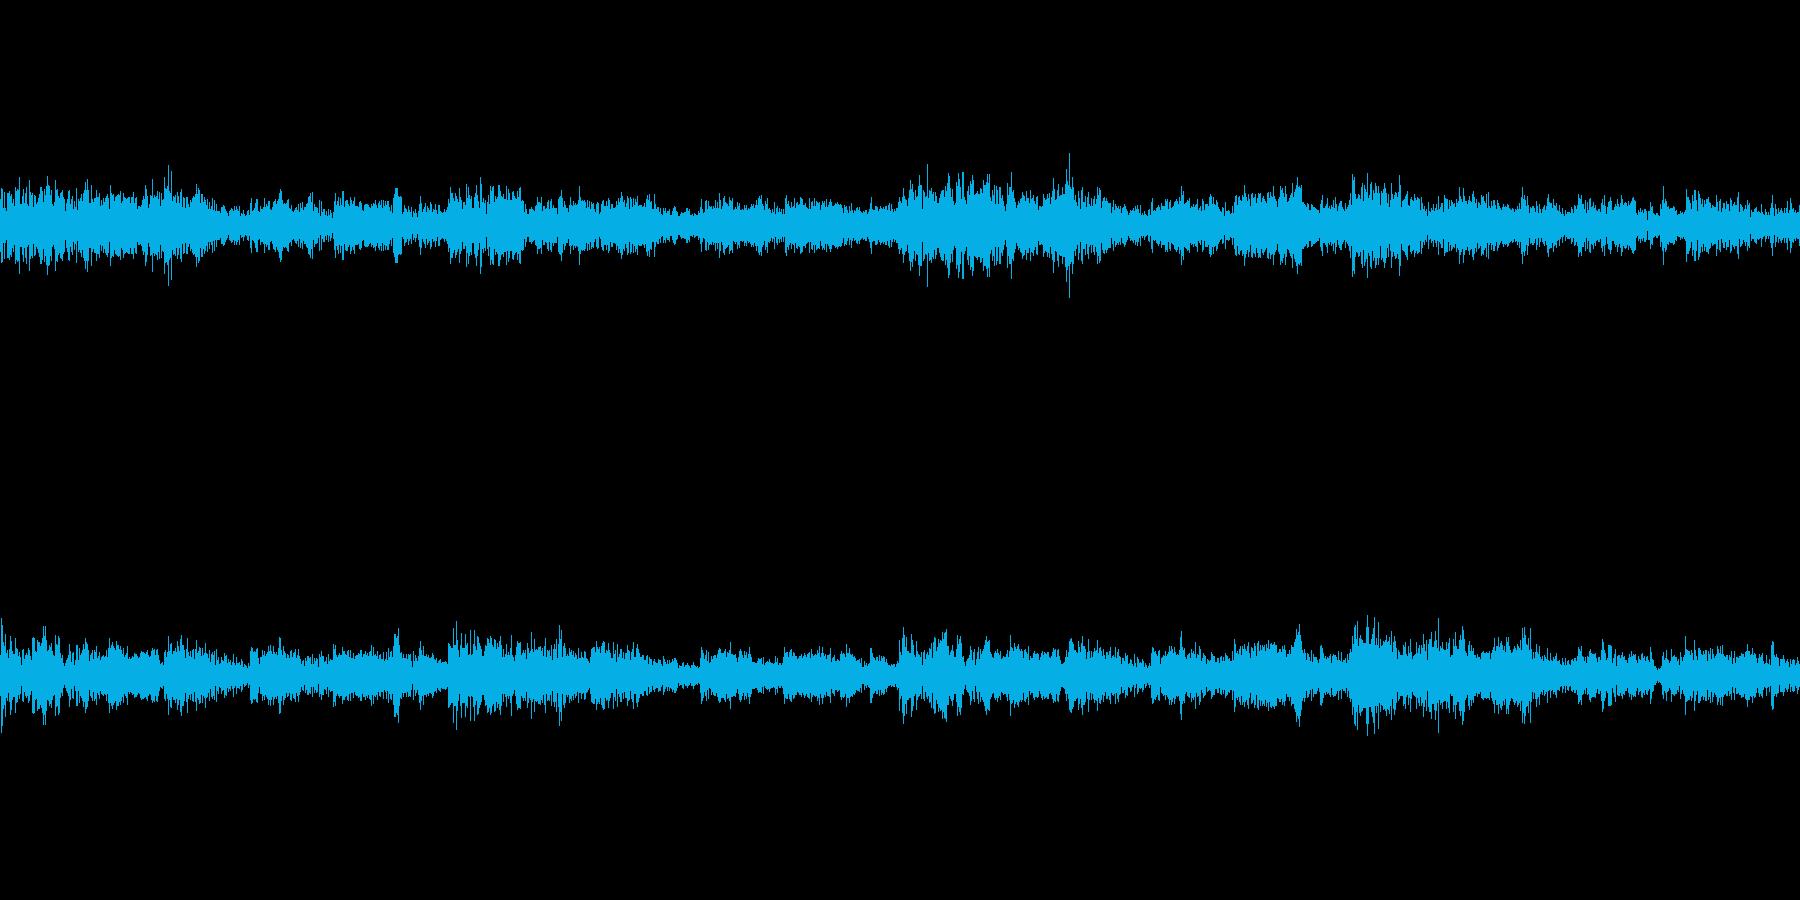 蟻の洞窟 RPG ゲーム クール ループの再生済みの波形